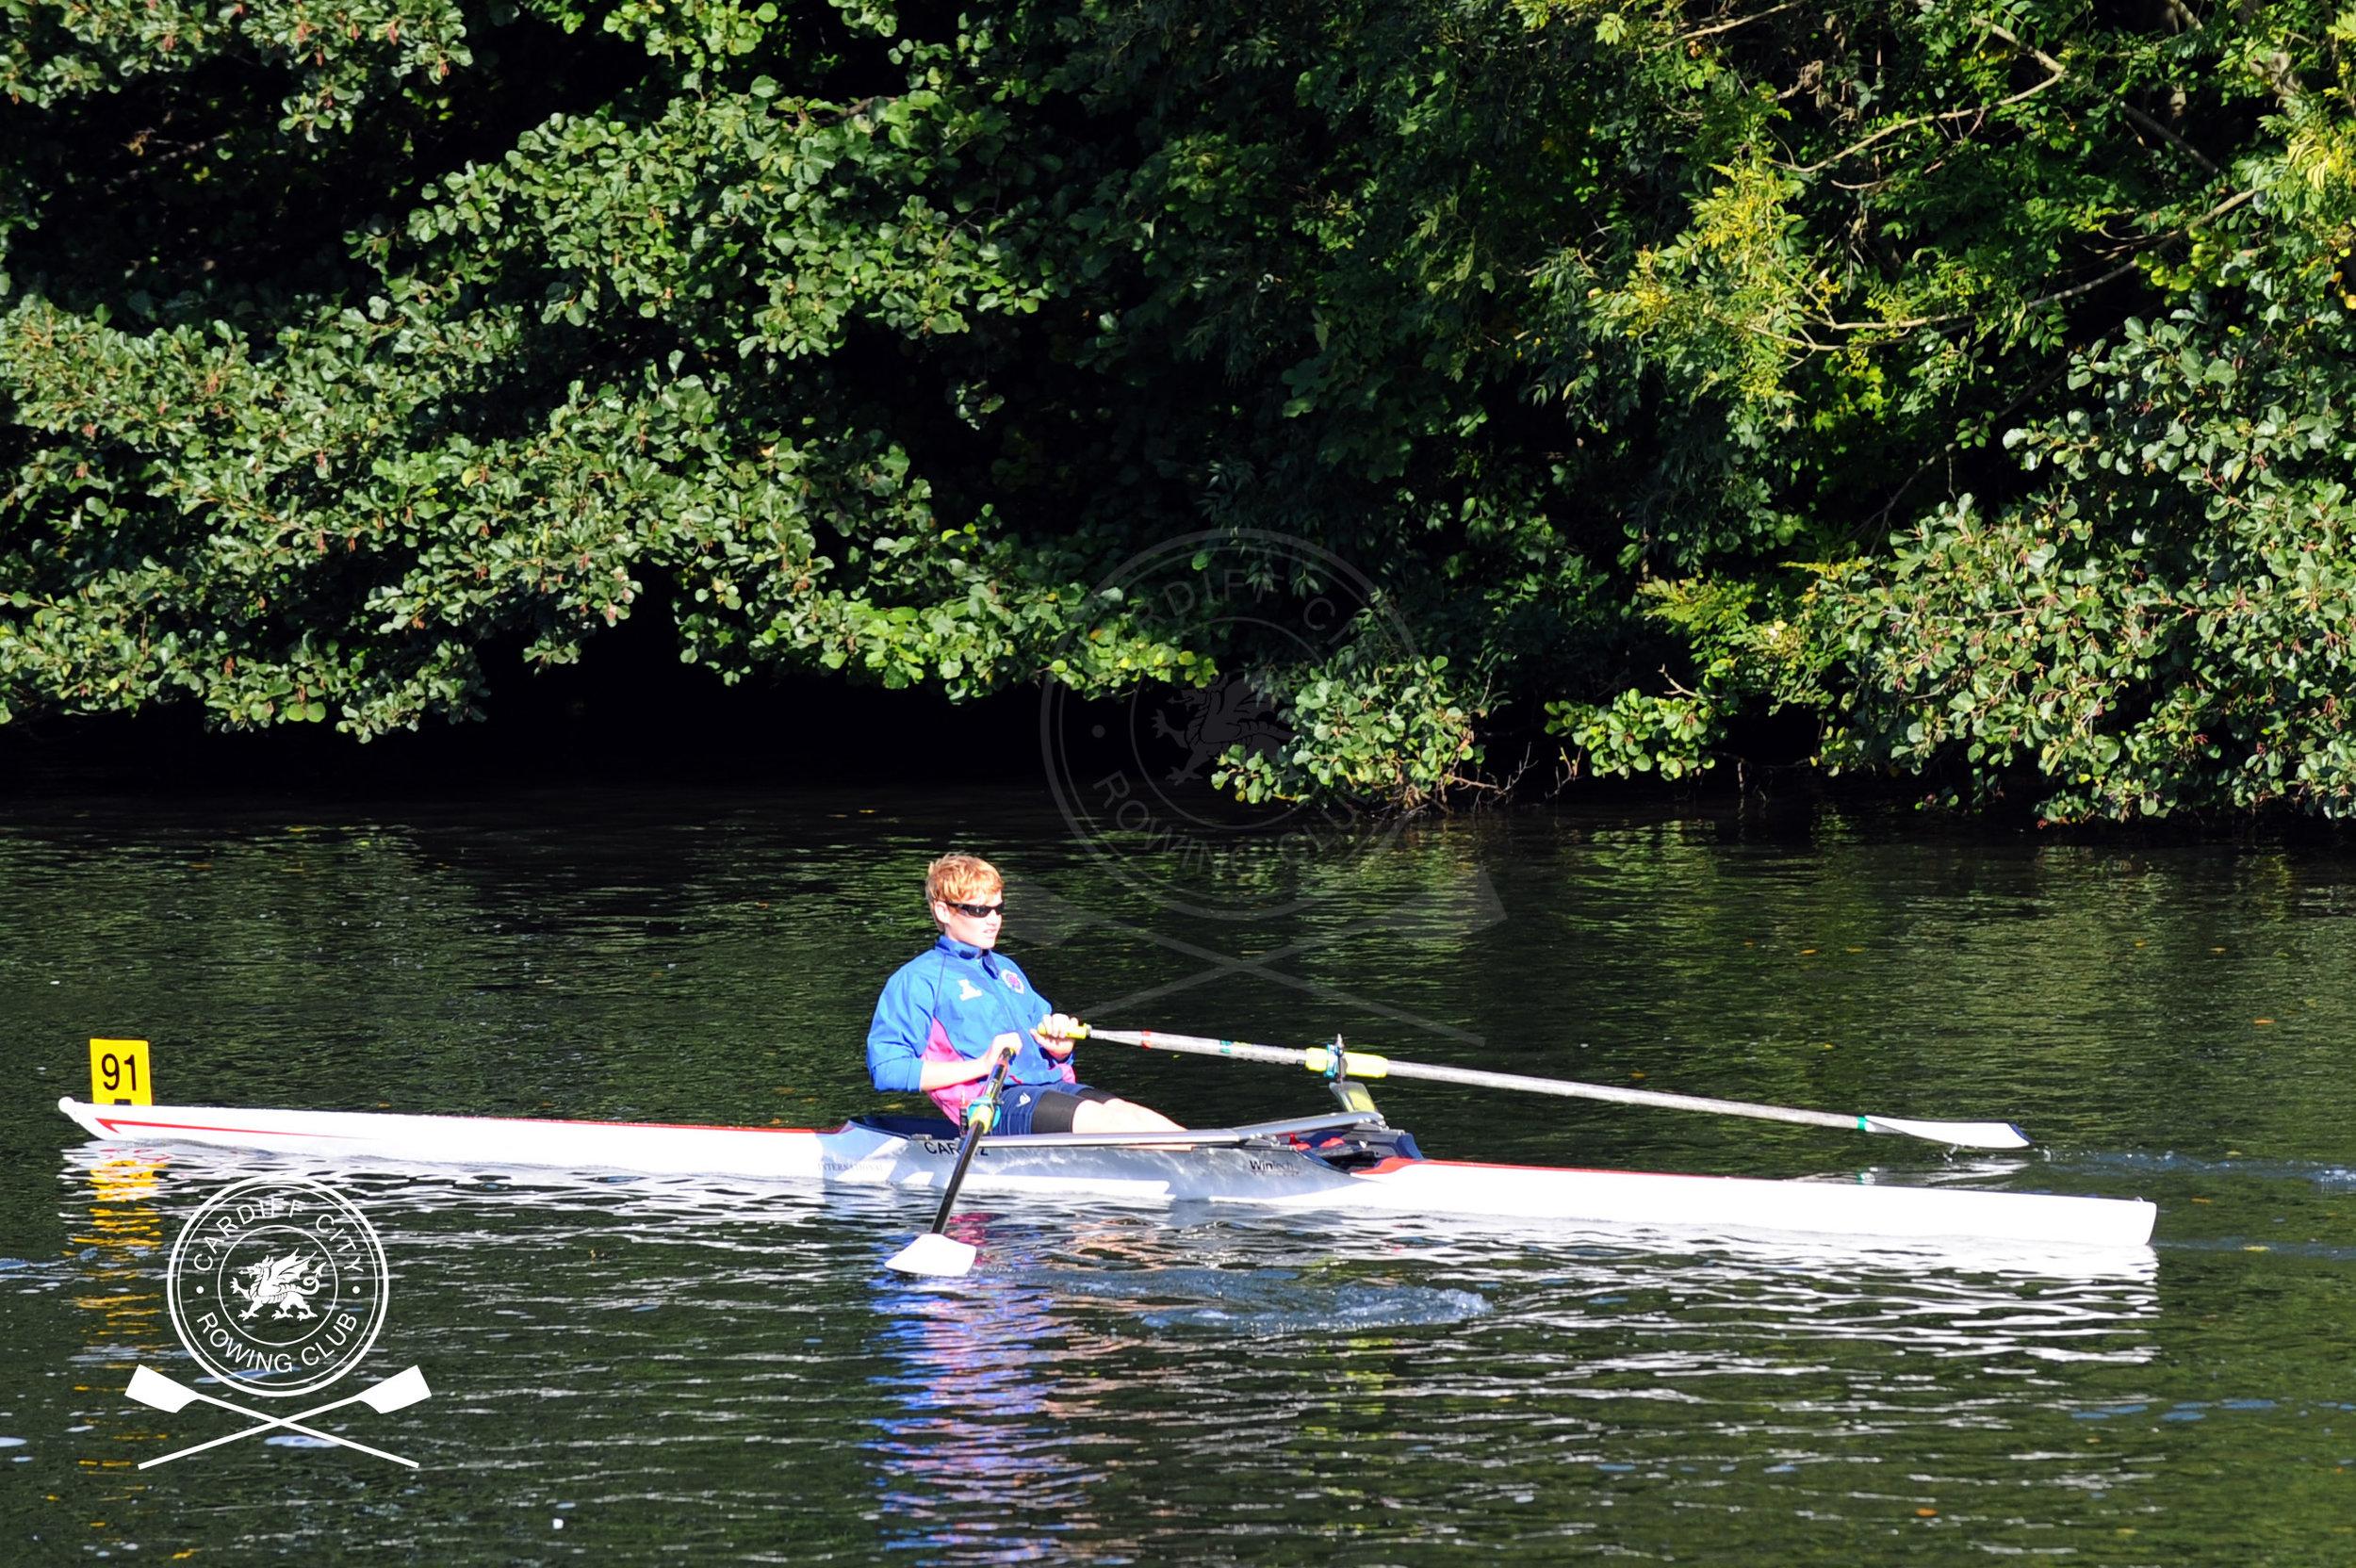 Cardiff_City_Head_Race_171.jpg